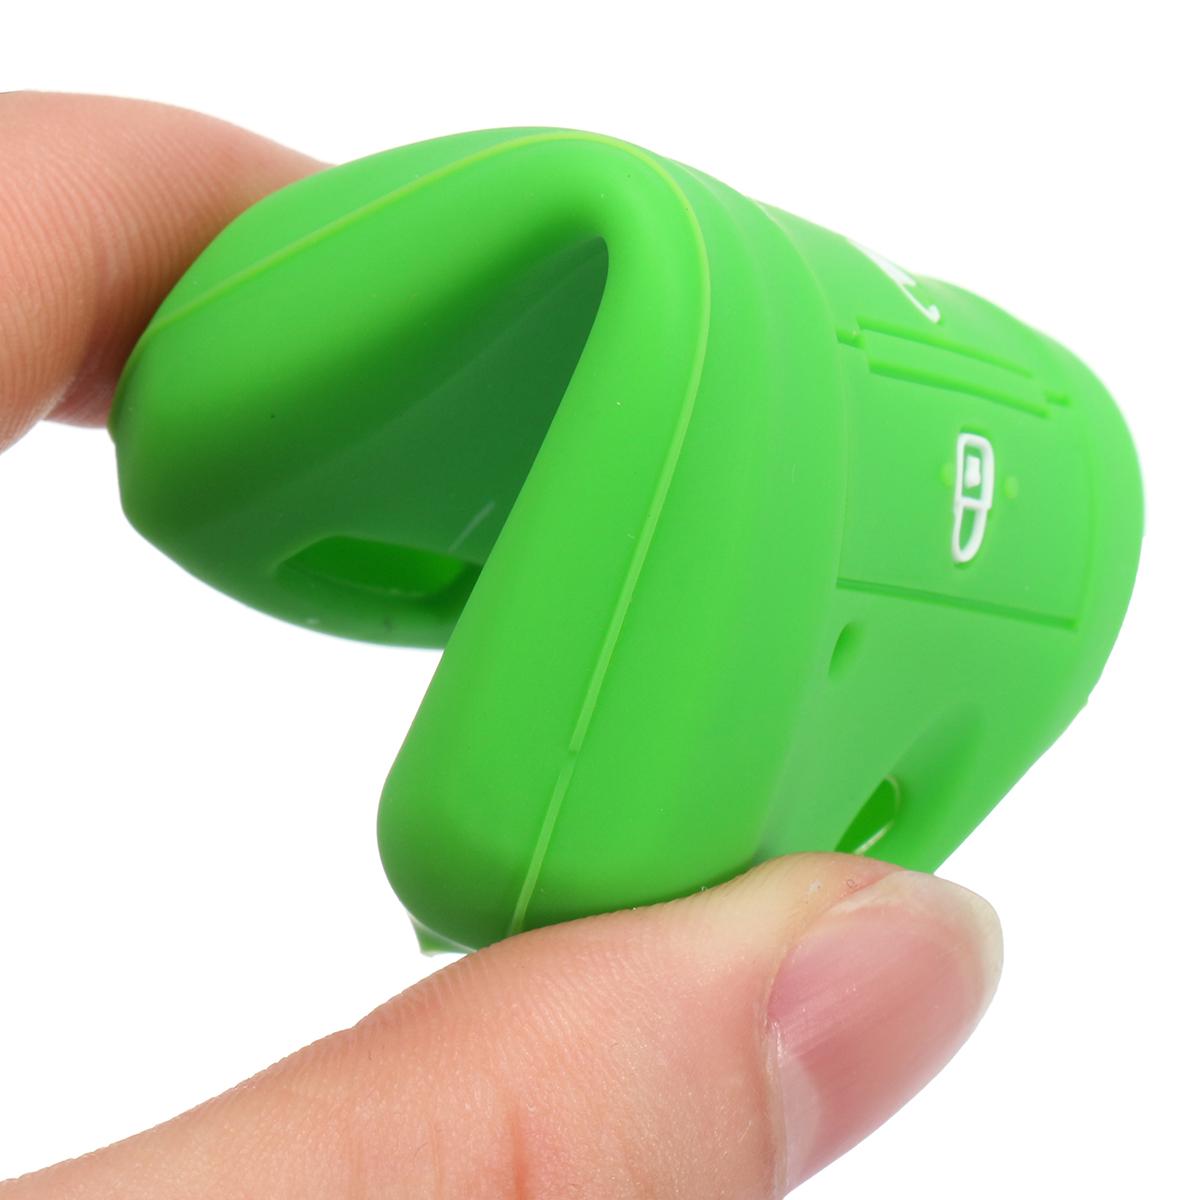 Car 4 Buttons Remote Key Cover Multi Color For Kia 1 X Case